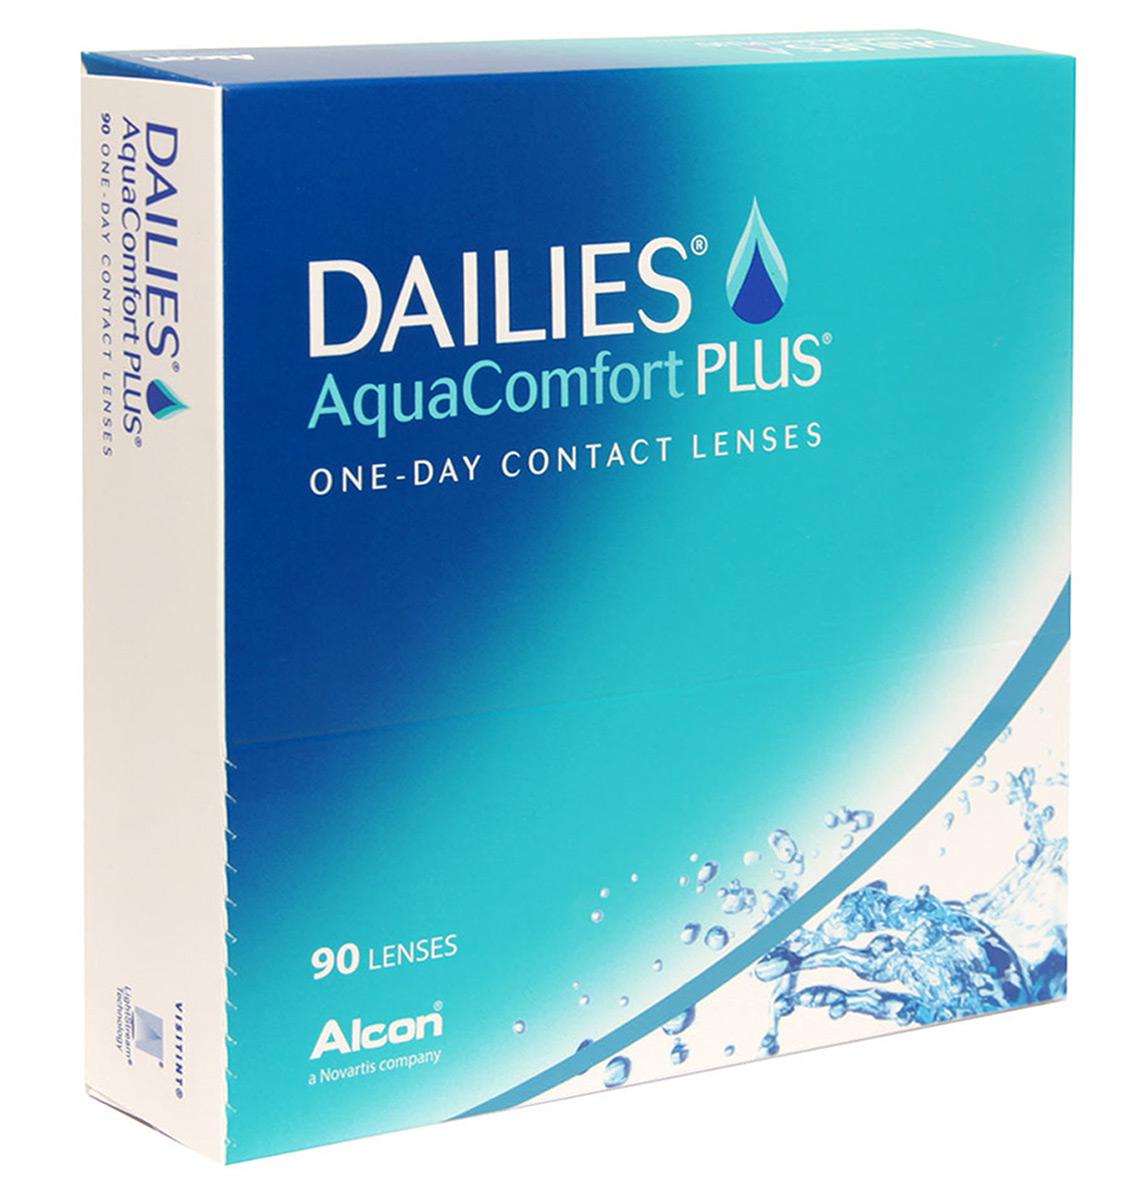 Alcon-CIBA Vision контактные линзы Dailies AquaComfort Plus (90шт / 8.7 / 14.0 / -2.00)30984Dailies AquaComfort Plus - это одни из самых популярных однодневных линз производства компании Ciba Vision. Эти линзы пользуются огромной популярностью во всем мире и являются на сегодняшний день самыми безопасными контактными линзами. Изготавливаются линзы из современного, 100% безопасного материала нелфилкон А. Особенность этого материала в том, что он легко пропускает воздух и хорошо сохраняет влагу. Однодневные контактные линзы Dailies AquaComfort Plus не нуждаются в дополнительном уходе и затратах, каждый день вы надеваете свежую пару линз. Дизайн линзы биосовместимый, что гарантирует безупречный комфорт. Самое главное достоинство Dailies AquaComfort Plus - это их уникальная система увлажнения. Благодаря этой разработке линзы увлажняются тремя различными агентами. Первый компонент, ухаживающий за линзами, находится в растворе, он как бы обволакивает линзу, обеспечивая чрезвычайно комфортное надевание. Второй агент выделяется на протяжении всего дня, он непрерывно смачивает линзы. Третий - увлажняющий агент, выделяется во время моргания, благодаря ему поддерживается постоянный комфорт. Также линзы имеют УФ-фильтр, который будет заботиться о ваших глазах. Dailies AquaComfort Plus - одни из лучших линз в своей категории. Всемирно известная компания Ciba Vision, создавая эти контактные линзы, попыталась учесть все потребности пациентов и ей это удалось! Характеристики:Материал: нелфилкон А. Кривизна: 8.7. Оптическая сила: - 2.00. Содержание воды: 69%. Диаметр: 14 мм. Количество линз: 90 шт. Размер упаковки: 15 см х 5 см х 3 см. Производитель: США. Товар сертифицирован.Контактные линзы или очки: советы офтальмологов. Статья OZON Гид